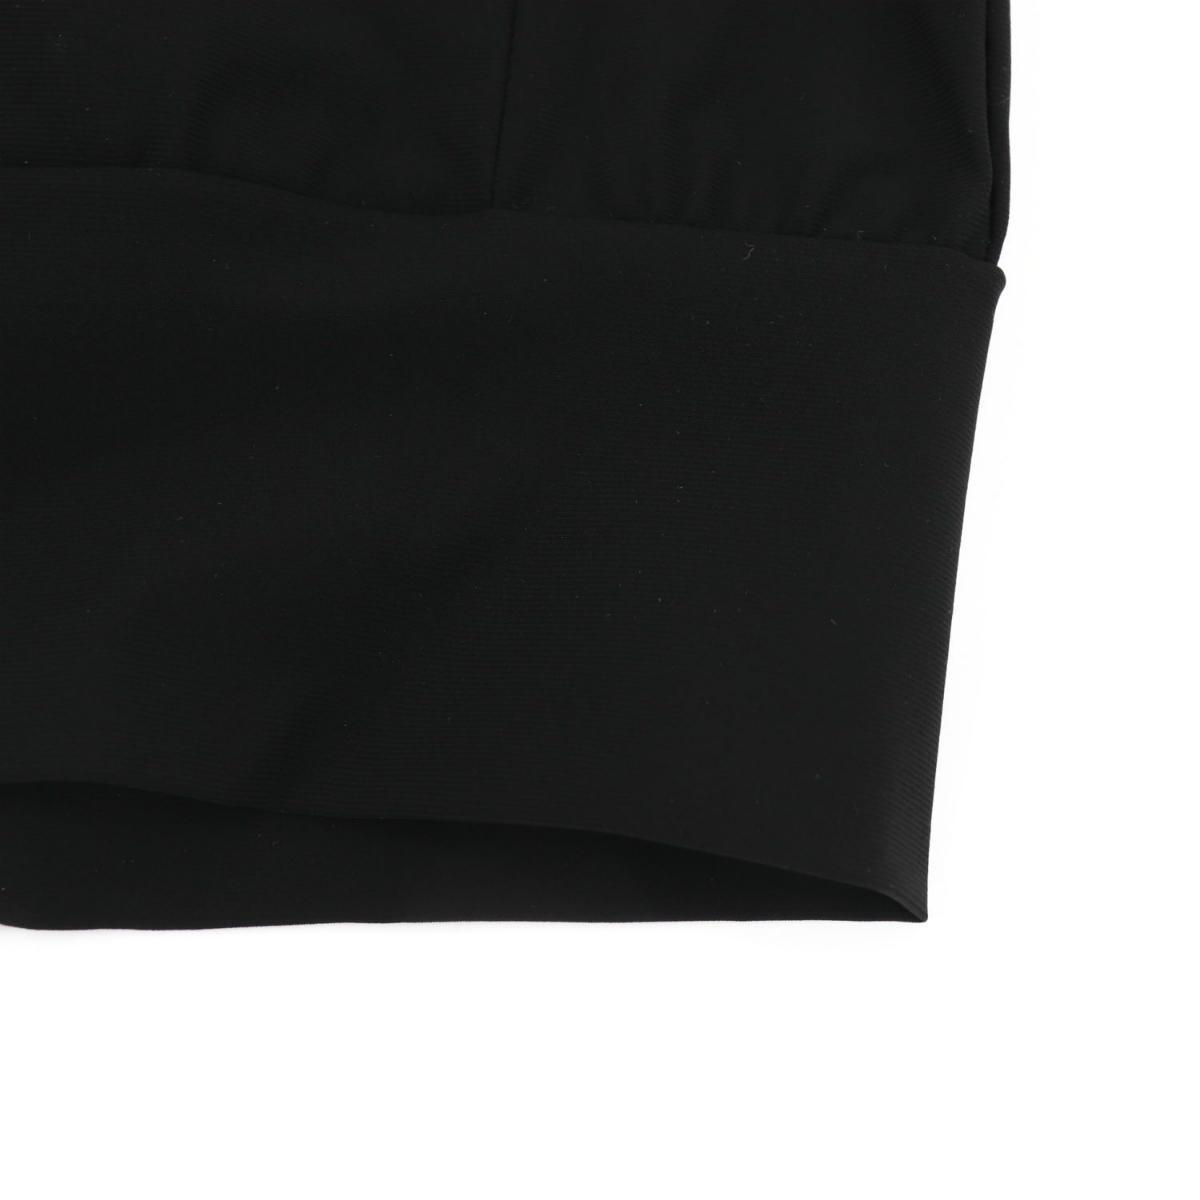 ピーエムディーエス P.M.D.S. PMDS メンズ ハイパーストレッチ ナイロン フルジップパーカー INVISIBLE FLEECE PMD NERO 02(ブラック) 春夏新作